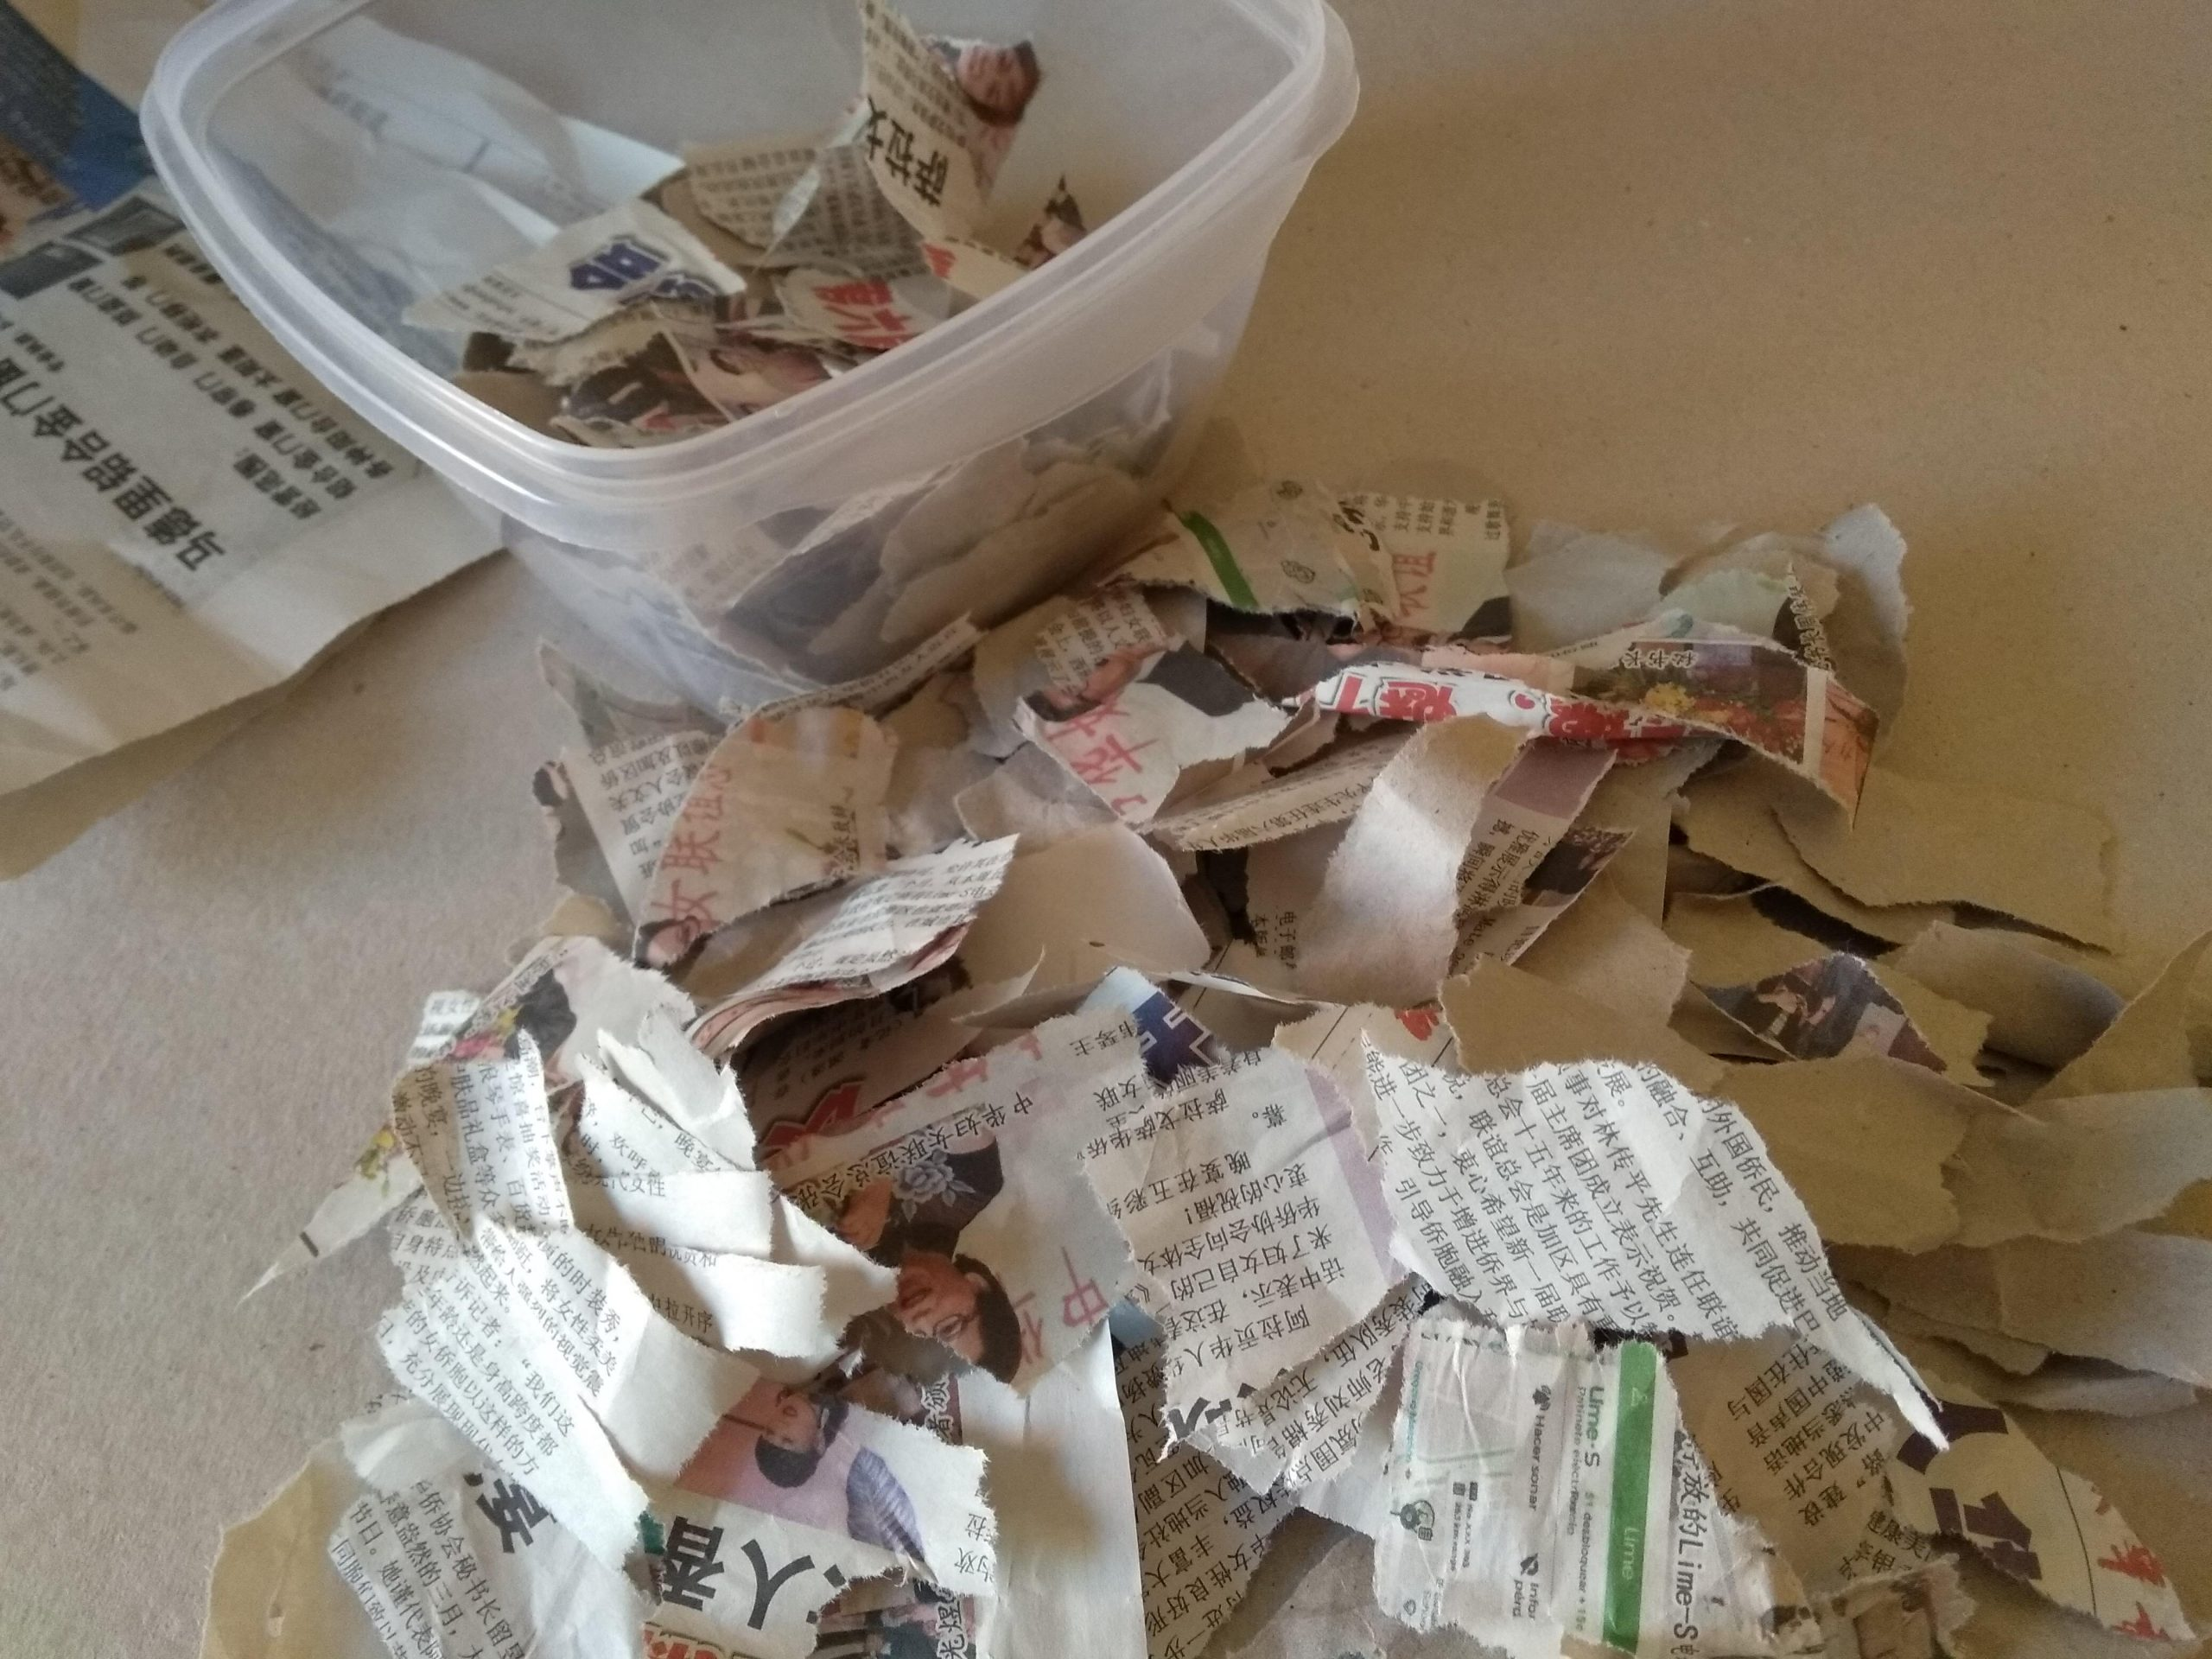 Trozos de papel periódico y de estraza para realizar pasta de papel